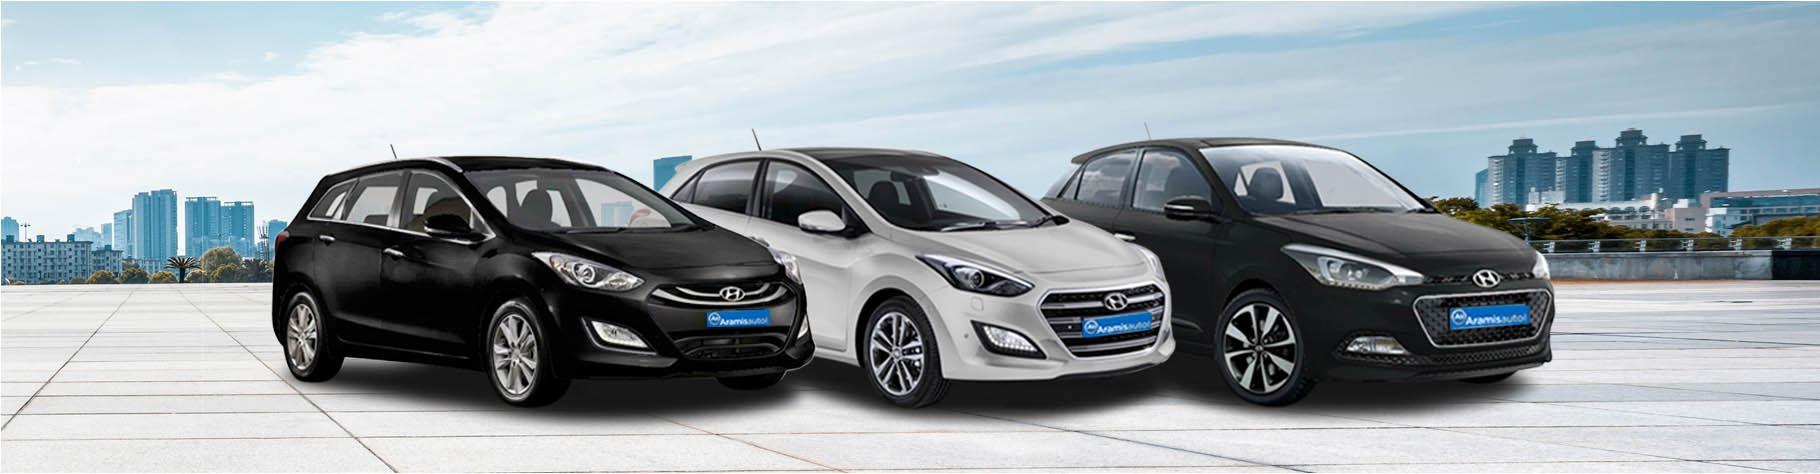 Guide d'achat Hyundai